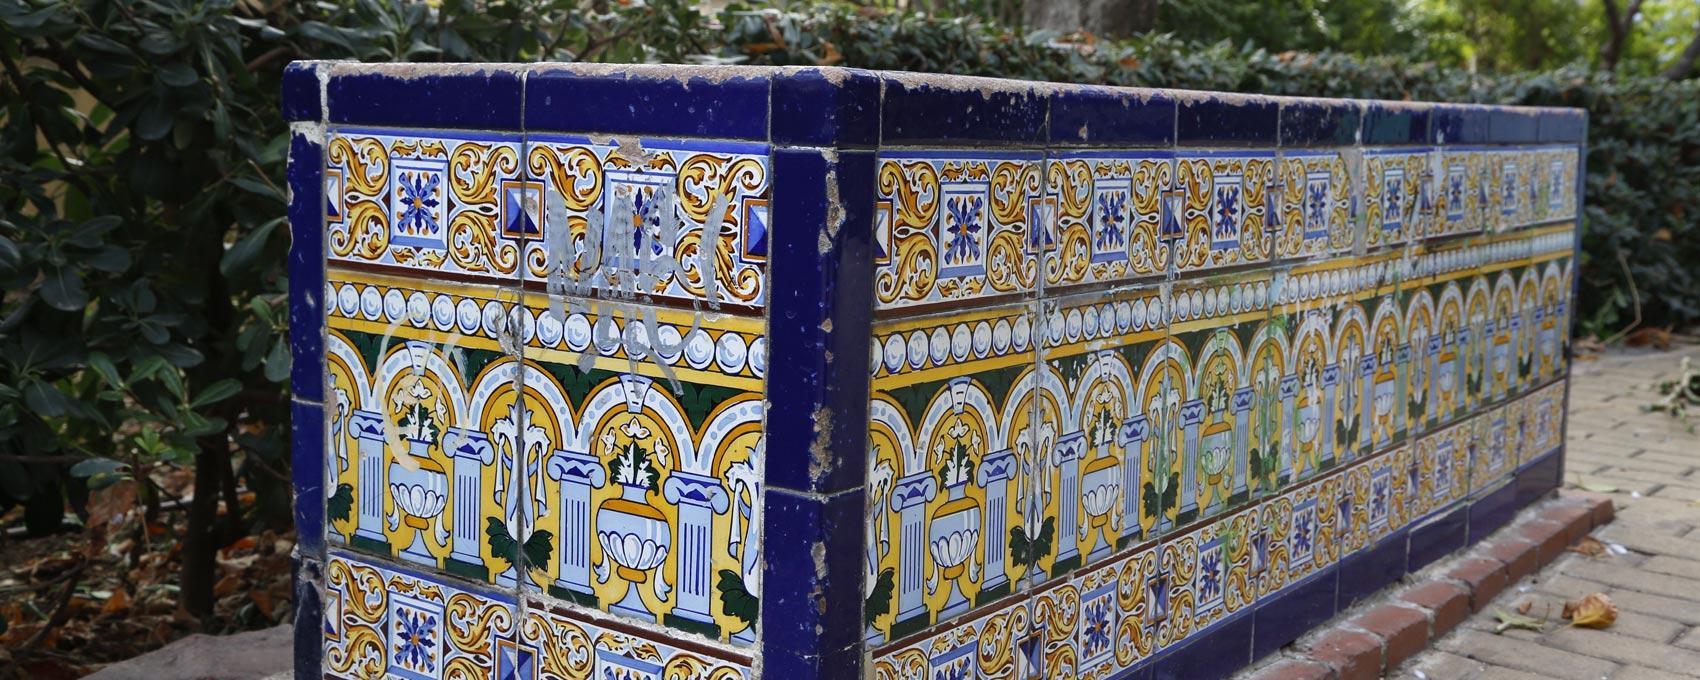 Fuente de agua potable de la ciudad de Valencia, la única que queda de ese estilo. Alrededor están los bancos de cerámica originales del jardín.